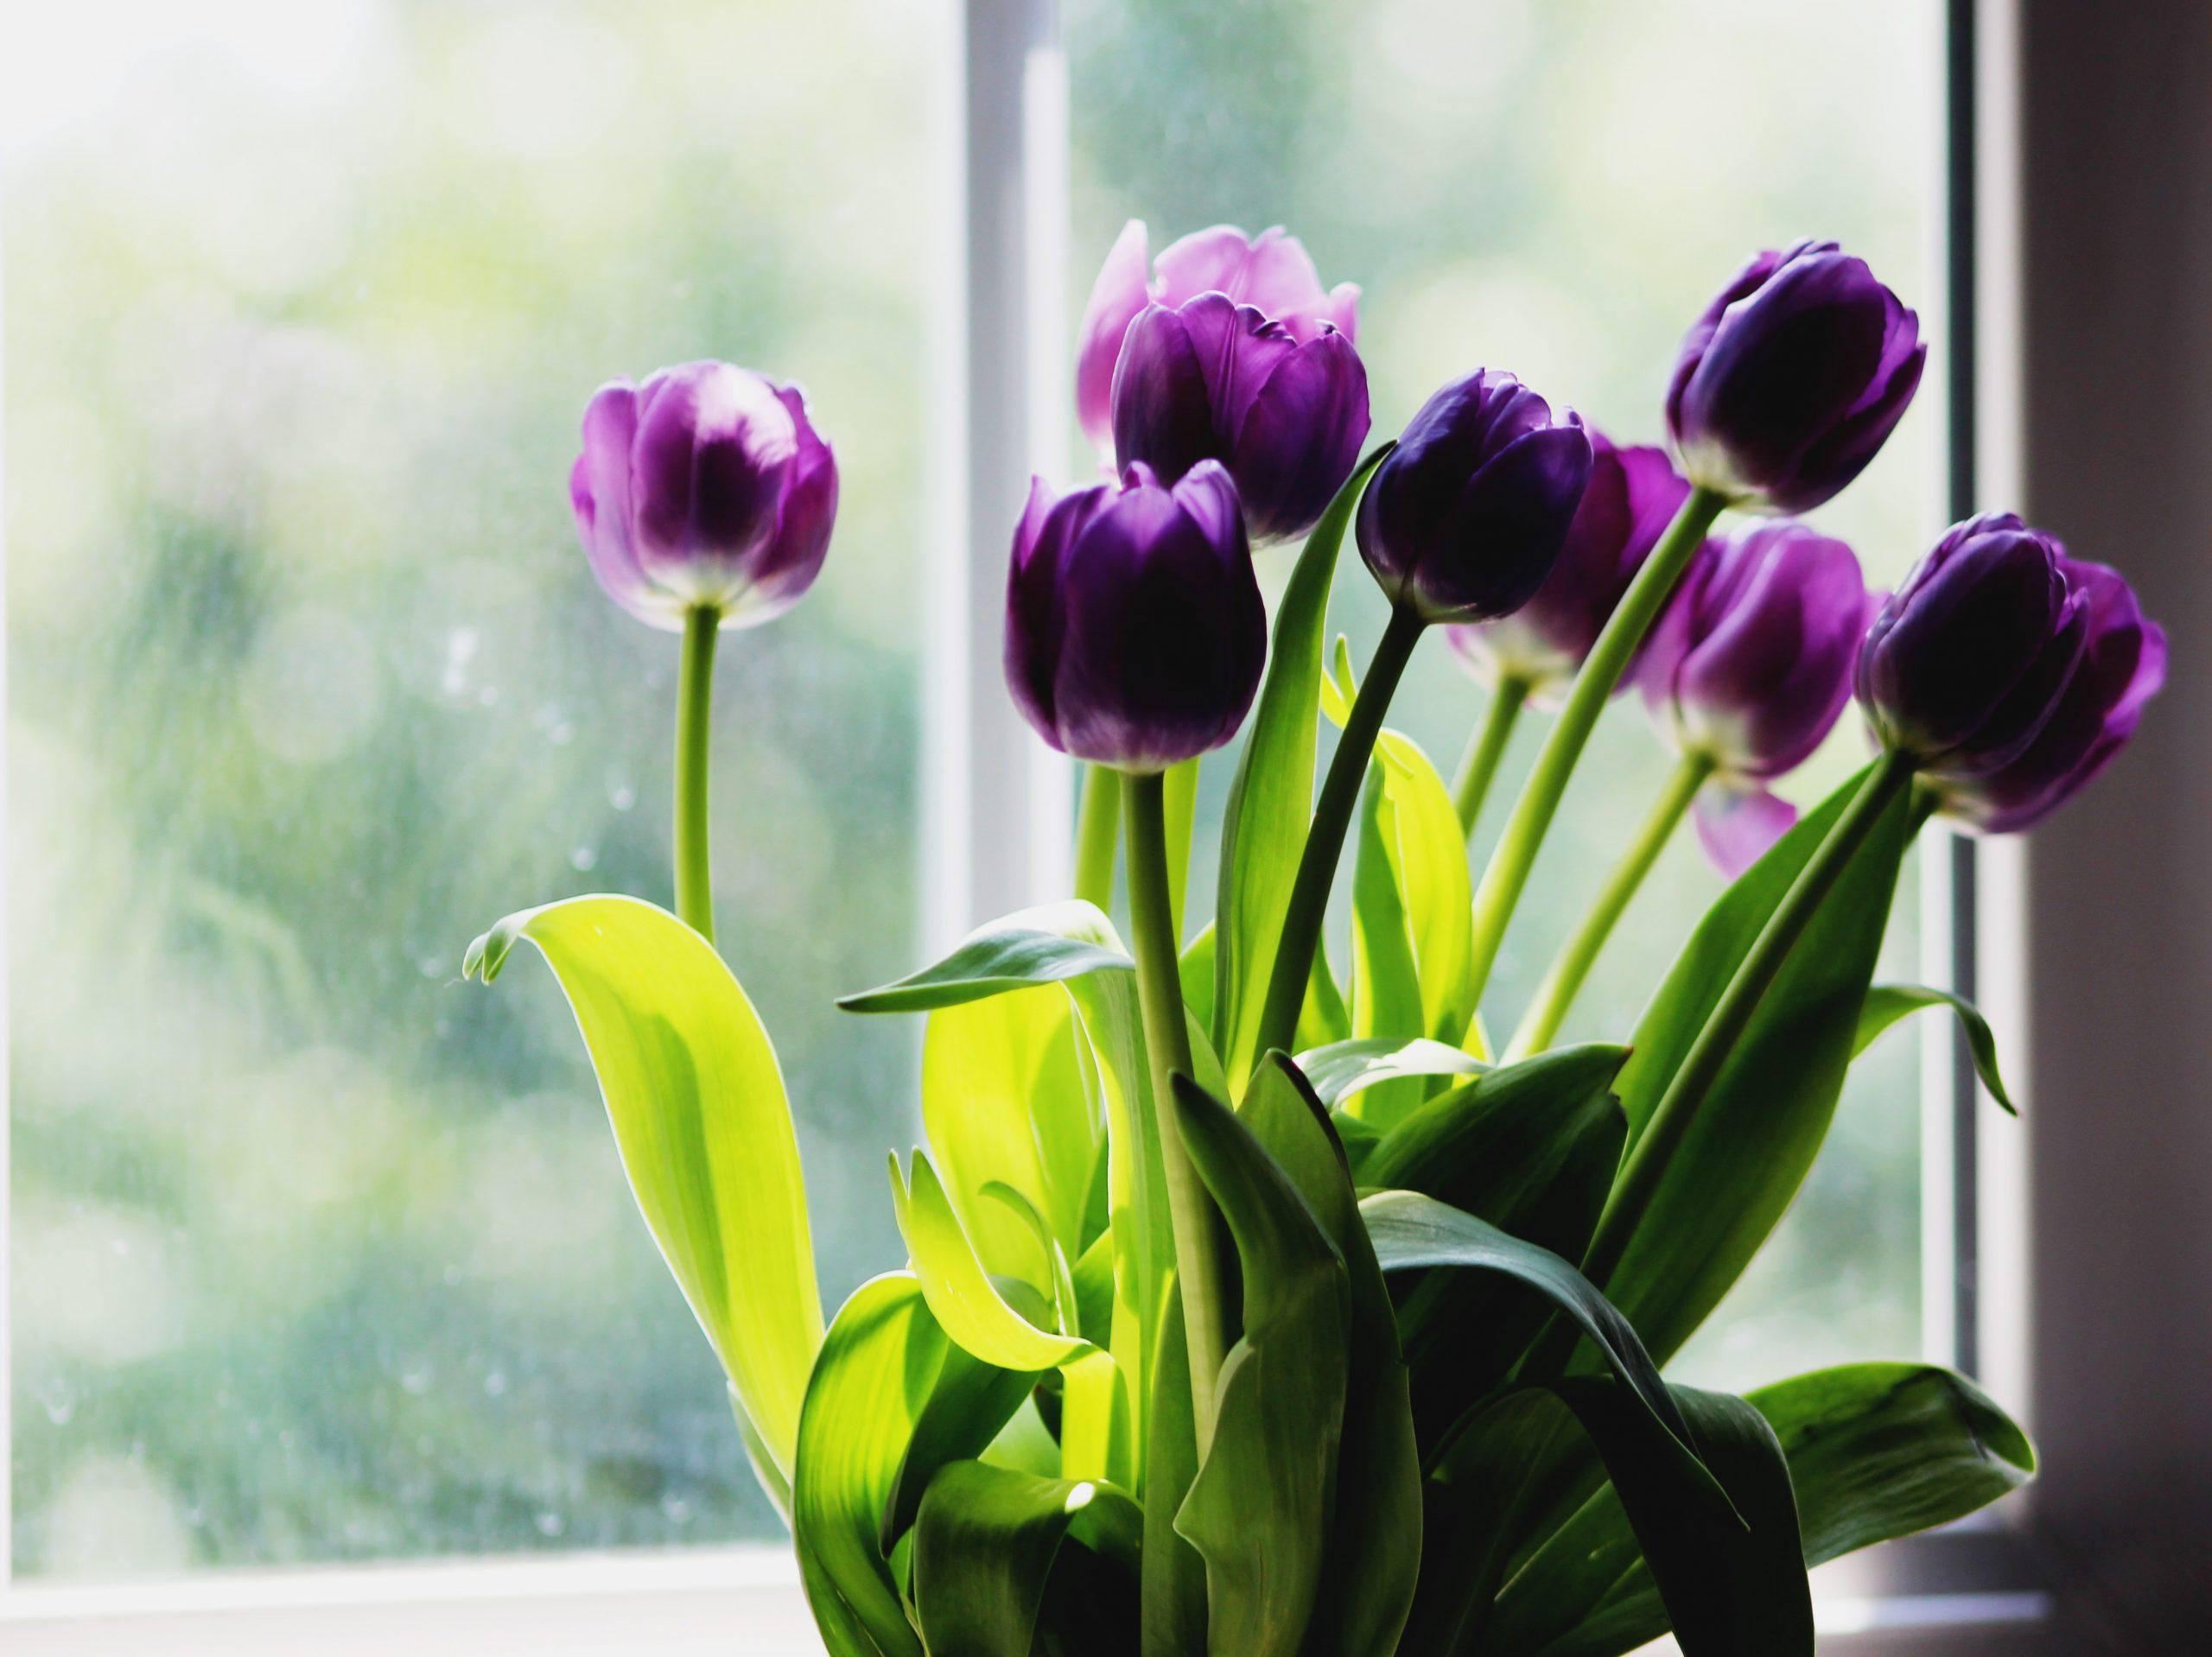 Violetten Tulpen in eine Vase auf der Fensterbank